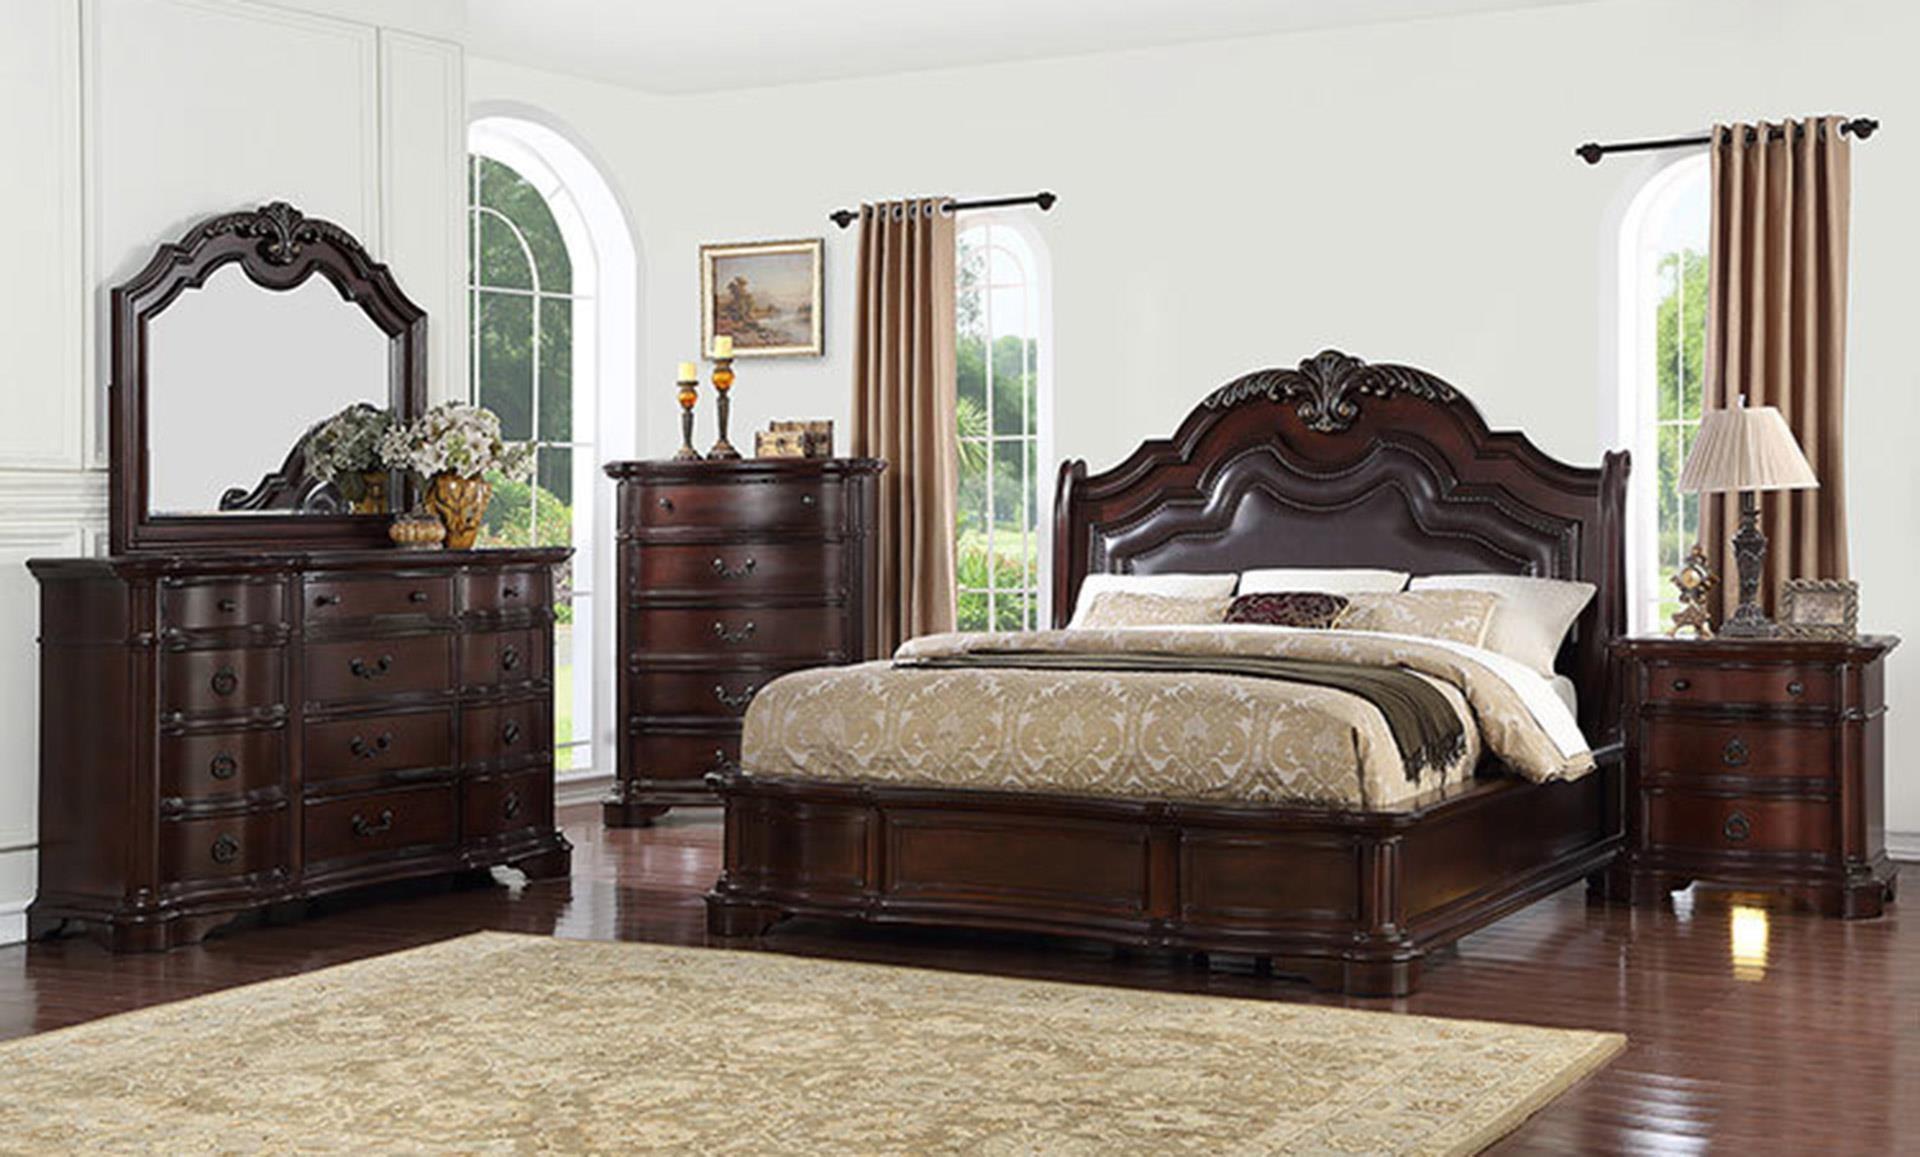 Queen Bed, Dresser, Mirror, and Nightstand w